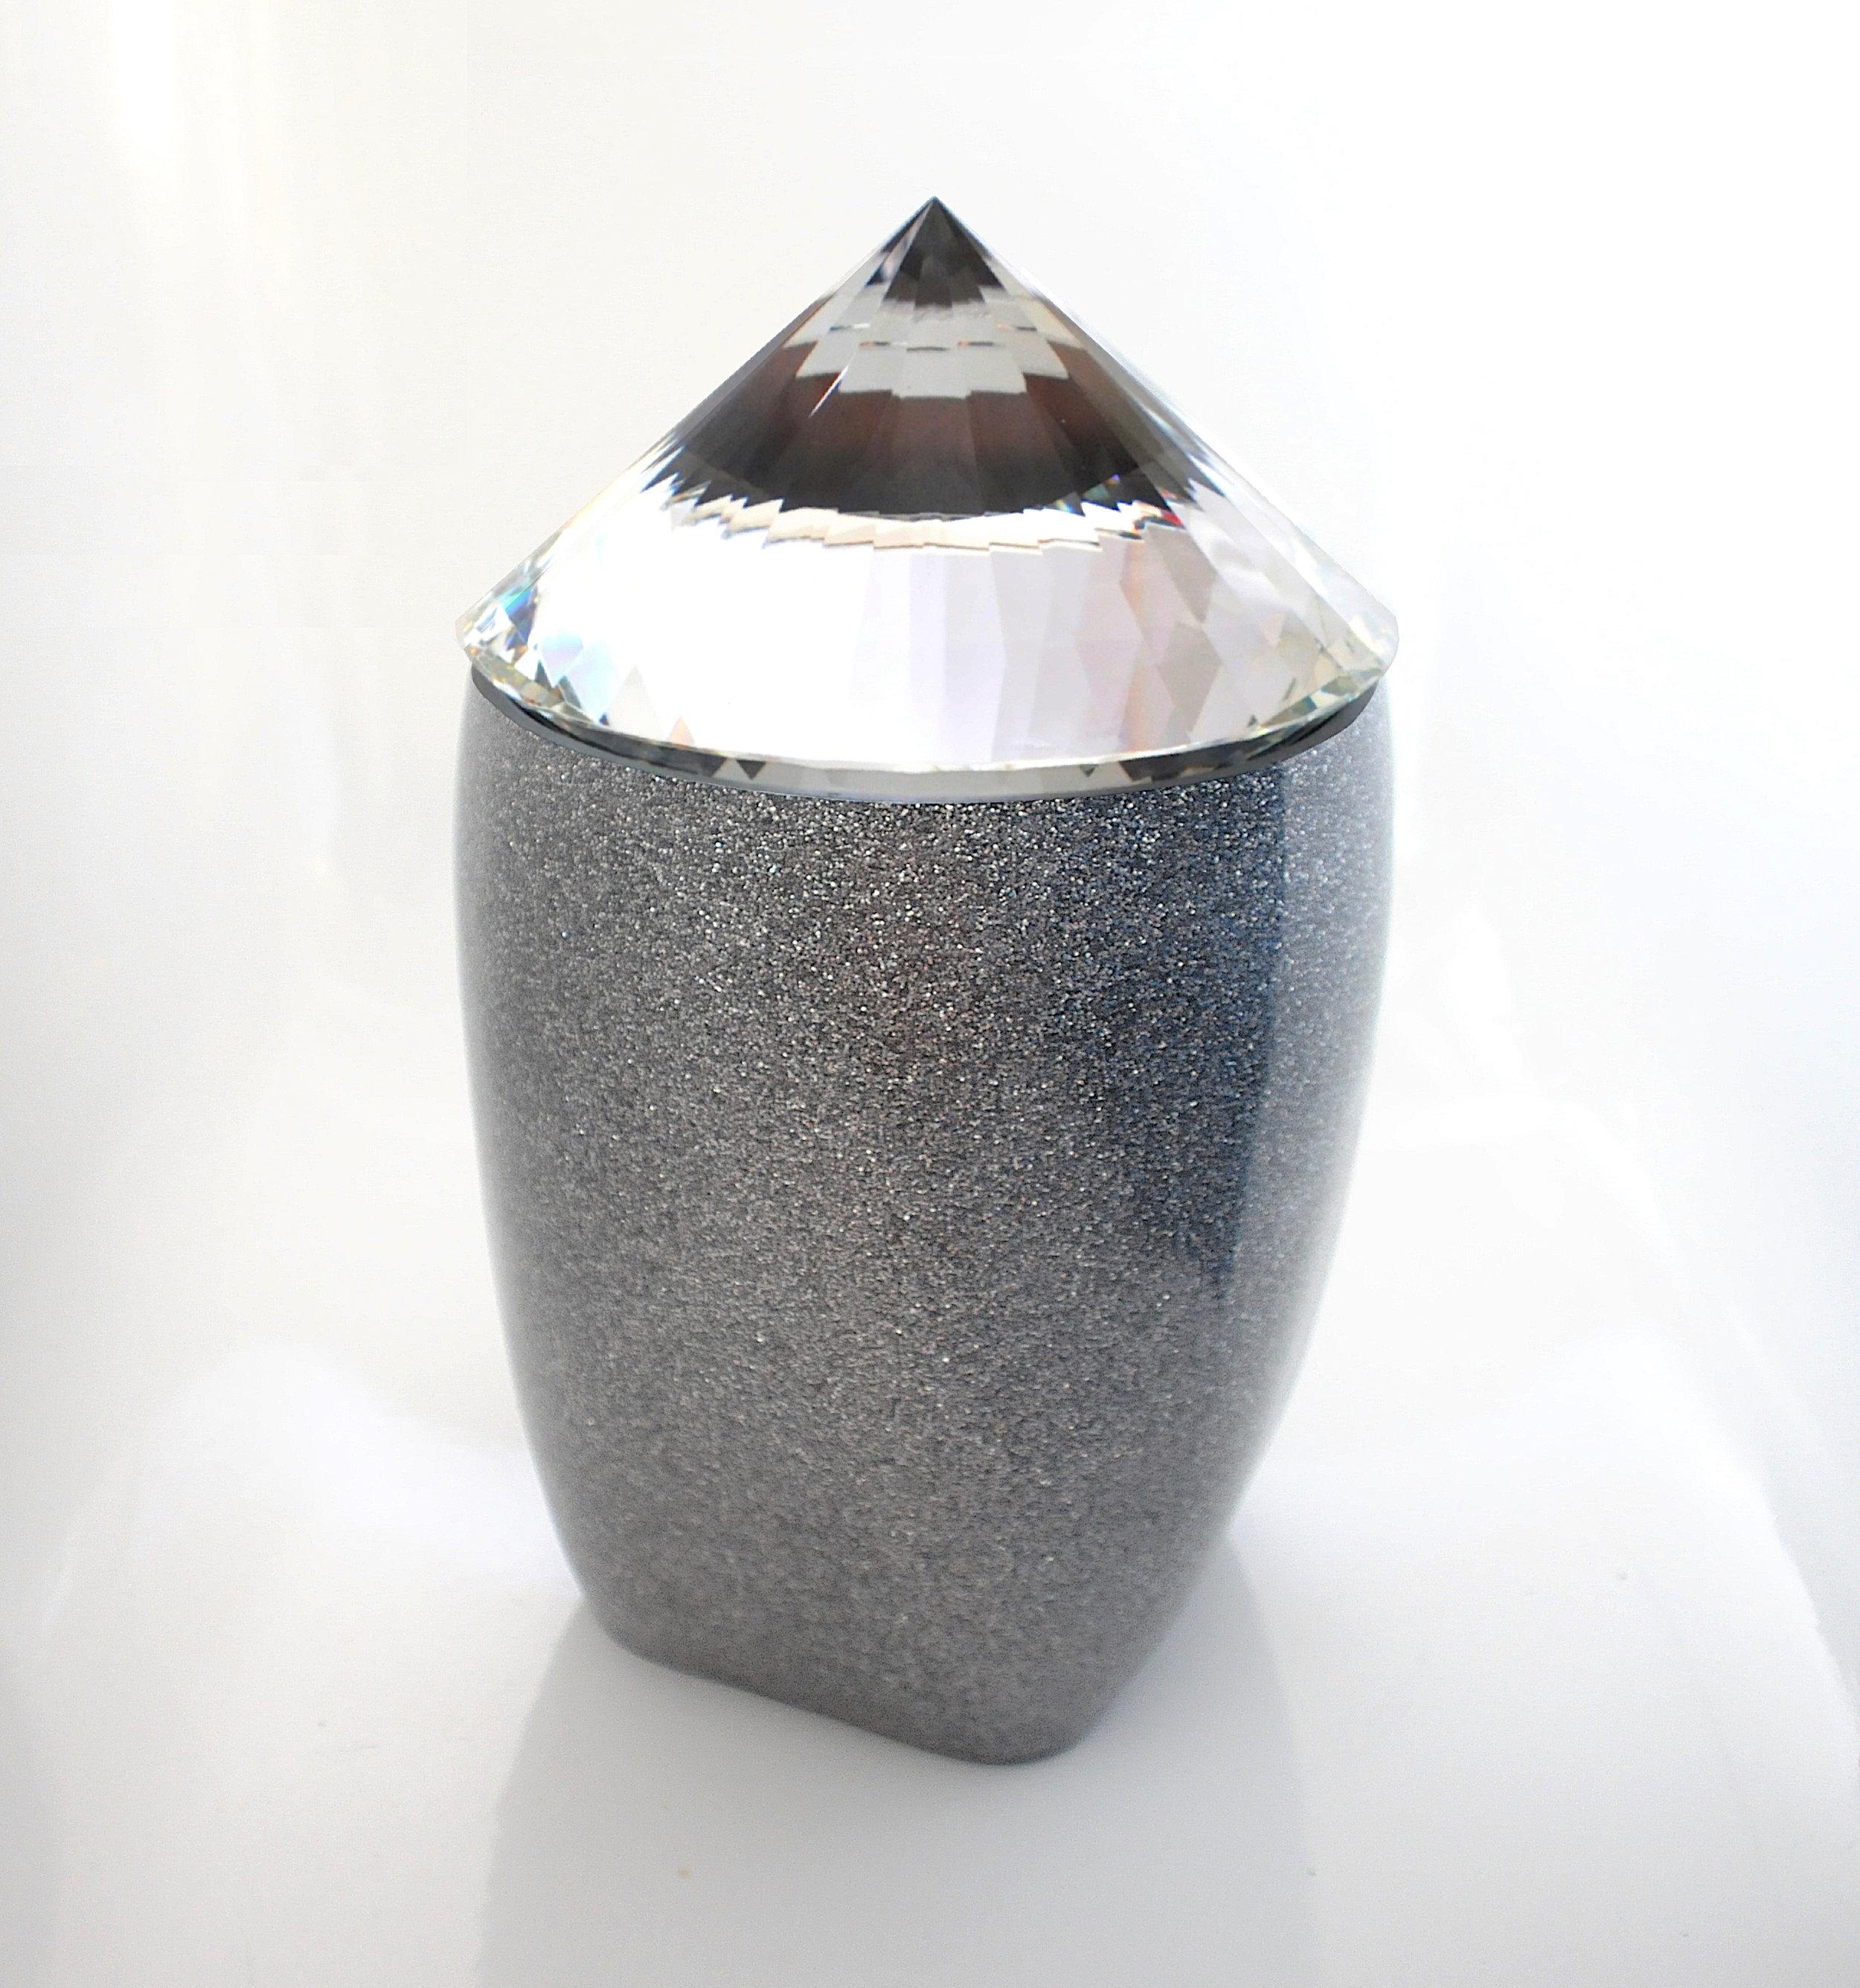 Zundel De Freitas  White Caldron (Caldron Series No.2), 2018 Glass, Metal, Plastic, Acrylic, Lacquer 36 x 20 x 20 cm 1.200 EUR